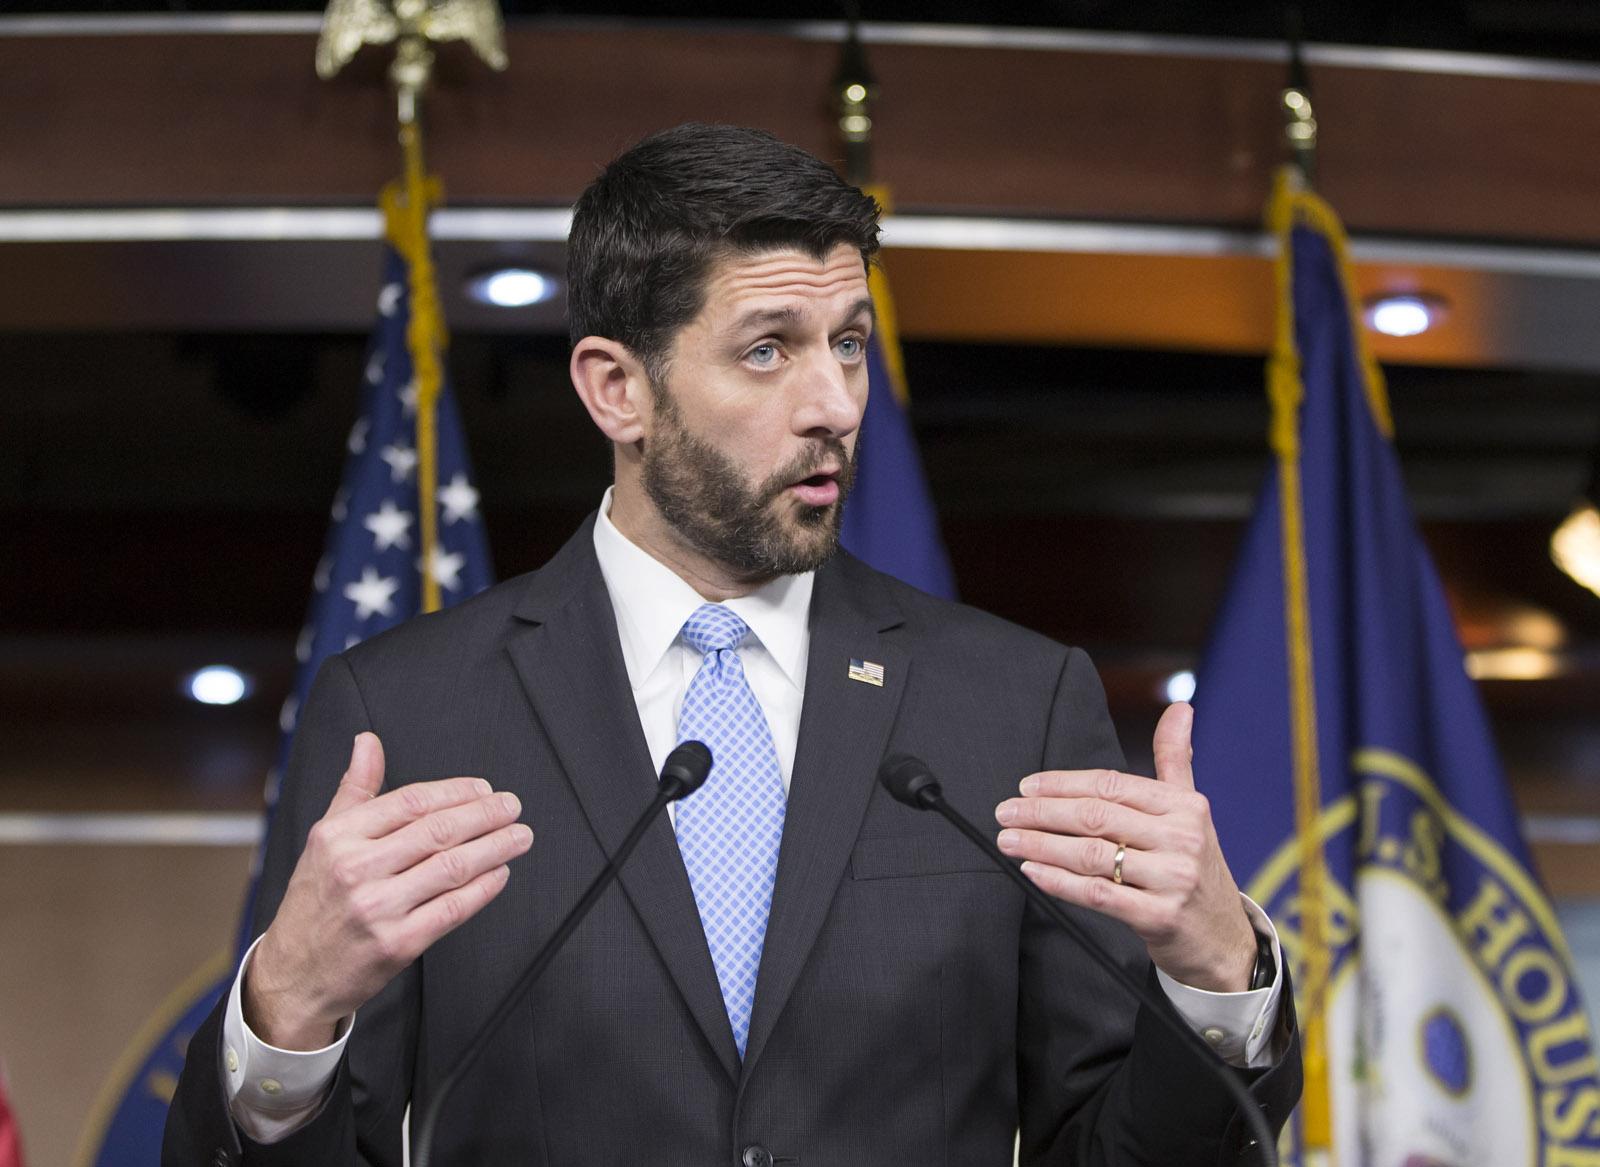 4 major priorities for Congress in 2016